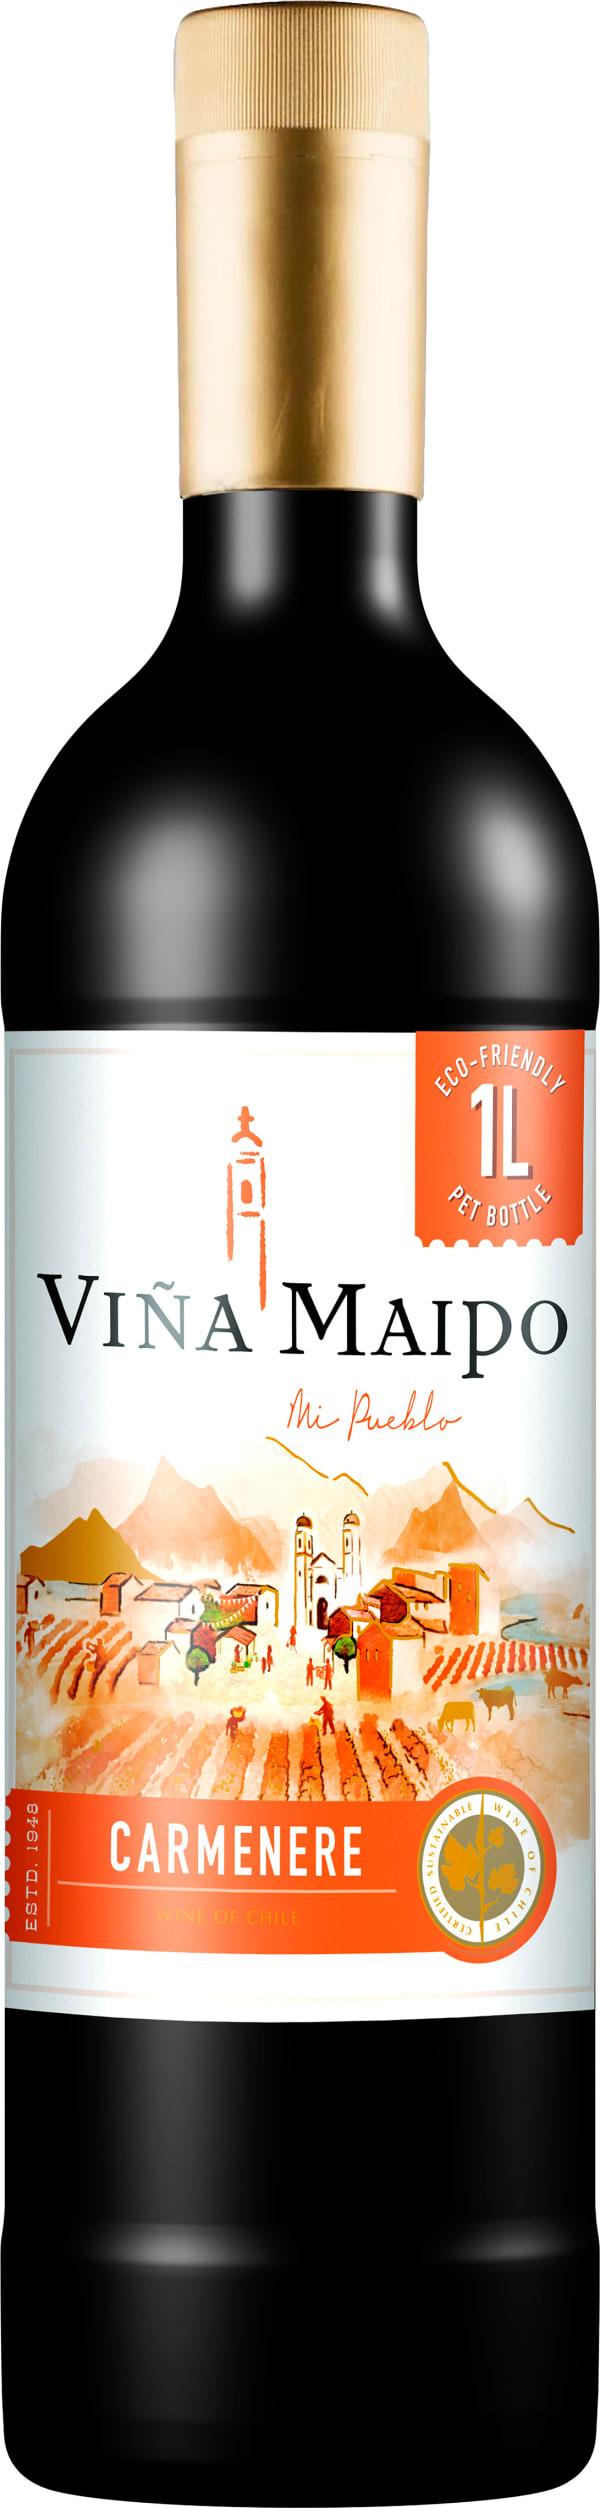 Viña Maipo Mi Pueblo Carmenere 2019 plastic bottle